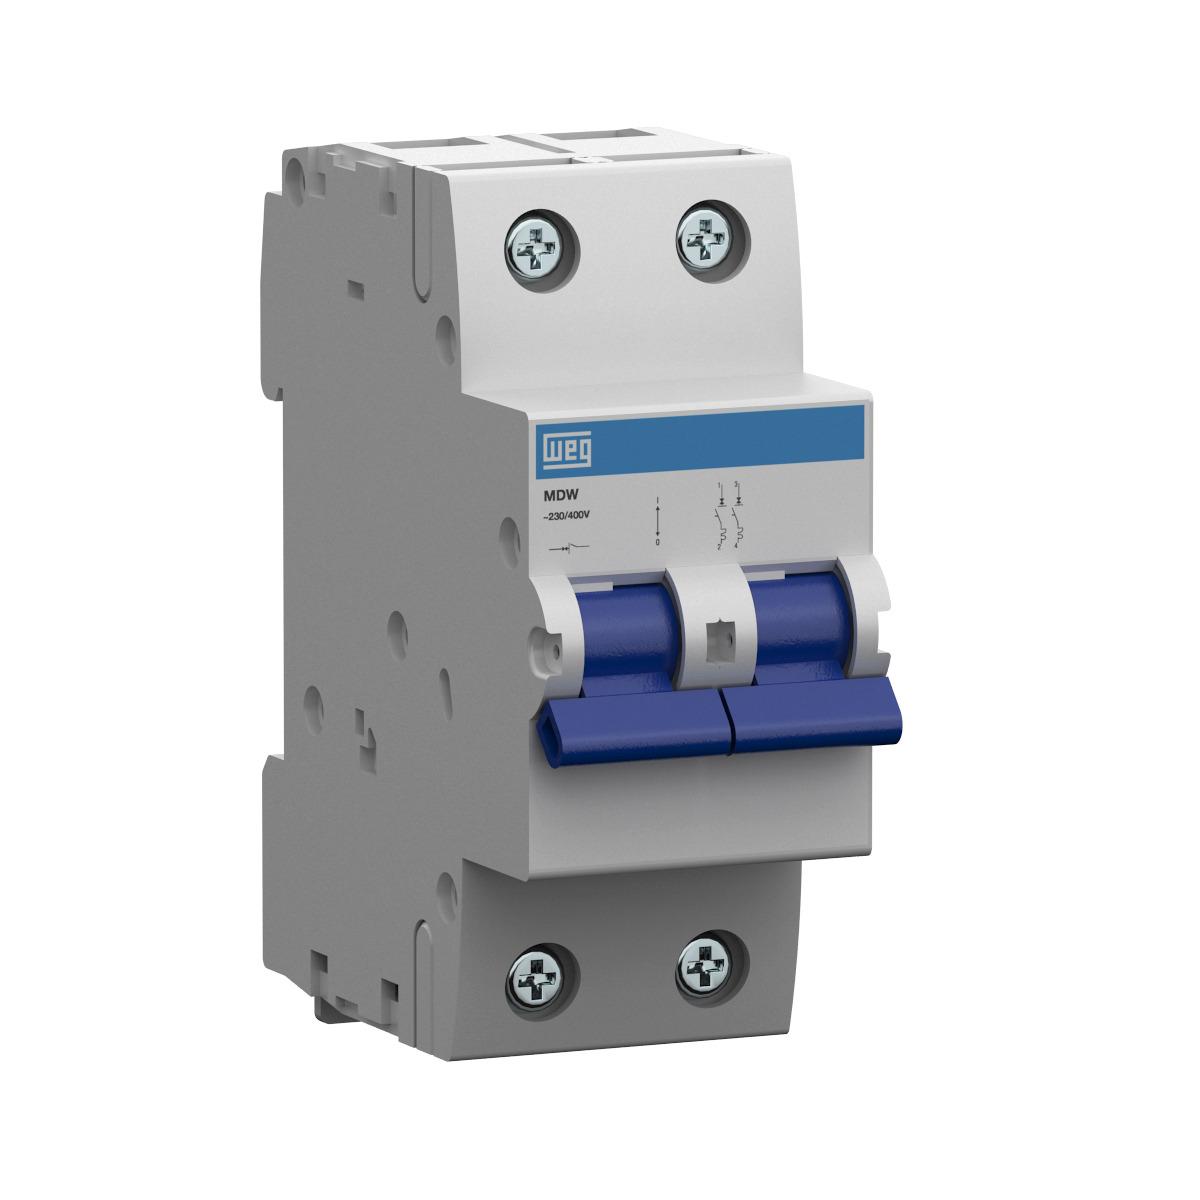 Minidisjuntor Termomagnético Weg Mdw-C32-2